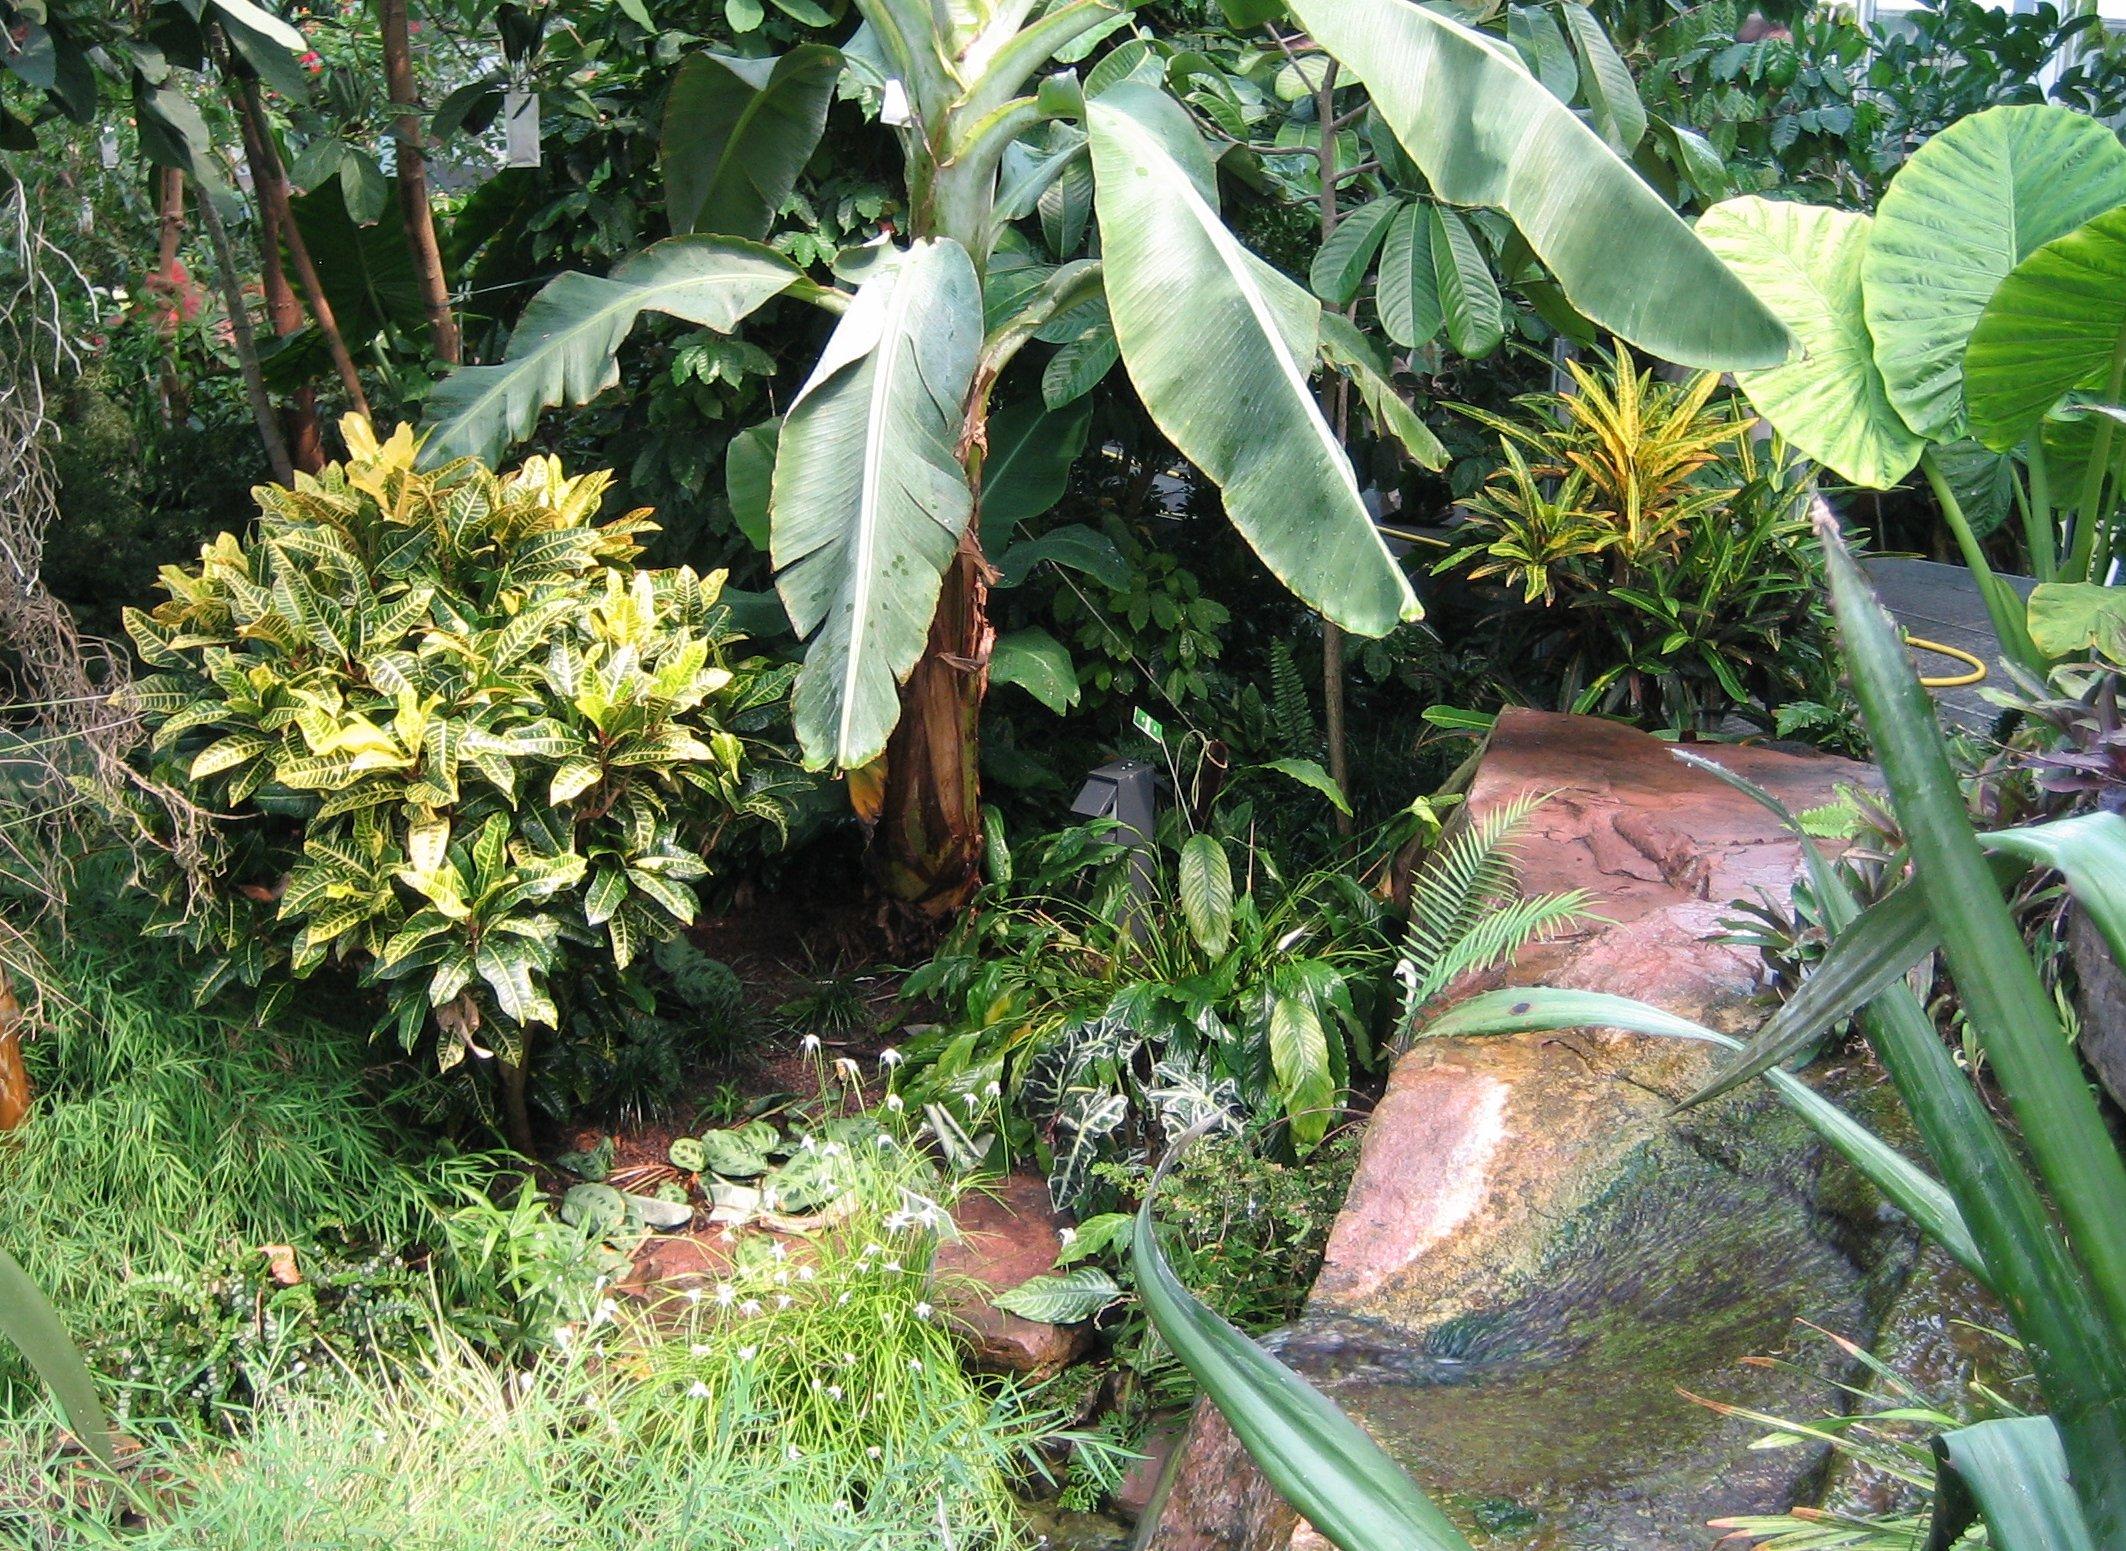 Botanischer Garten Augsburg ? Wikipedia Garten Pavillon Tropische Pflanzen